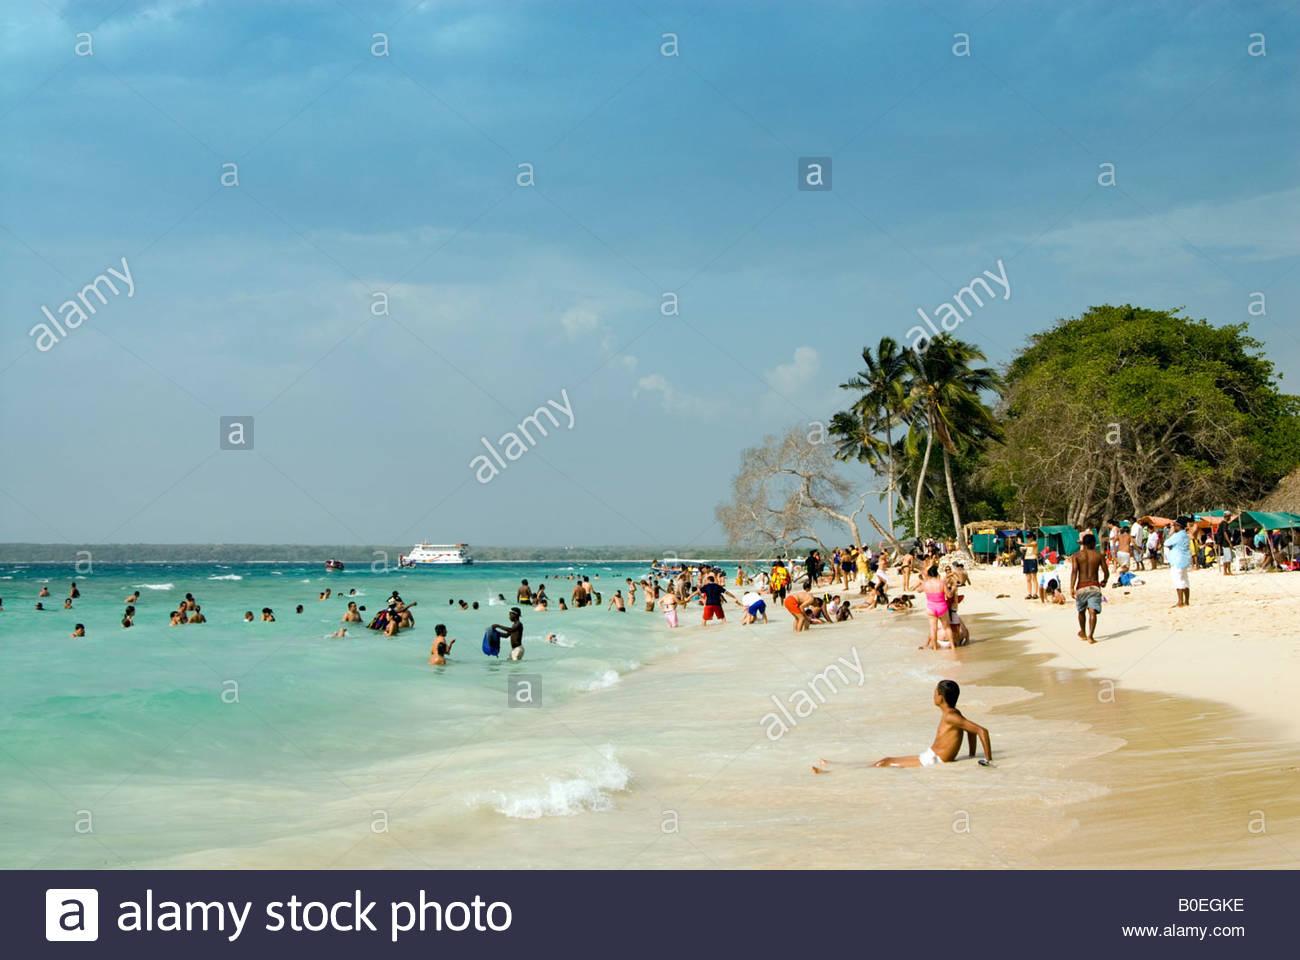 Playa Blanca sulla Isla de Baru, Cartagena de Indias, Colombia Immagini Stock